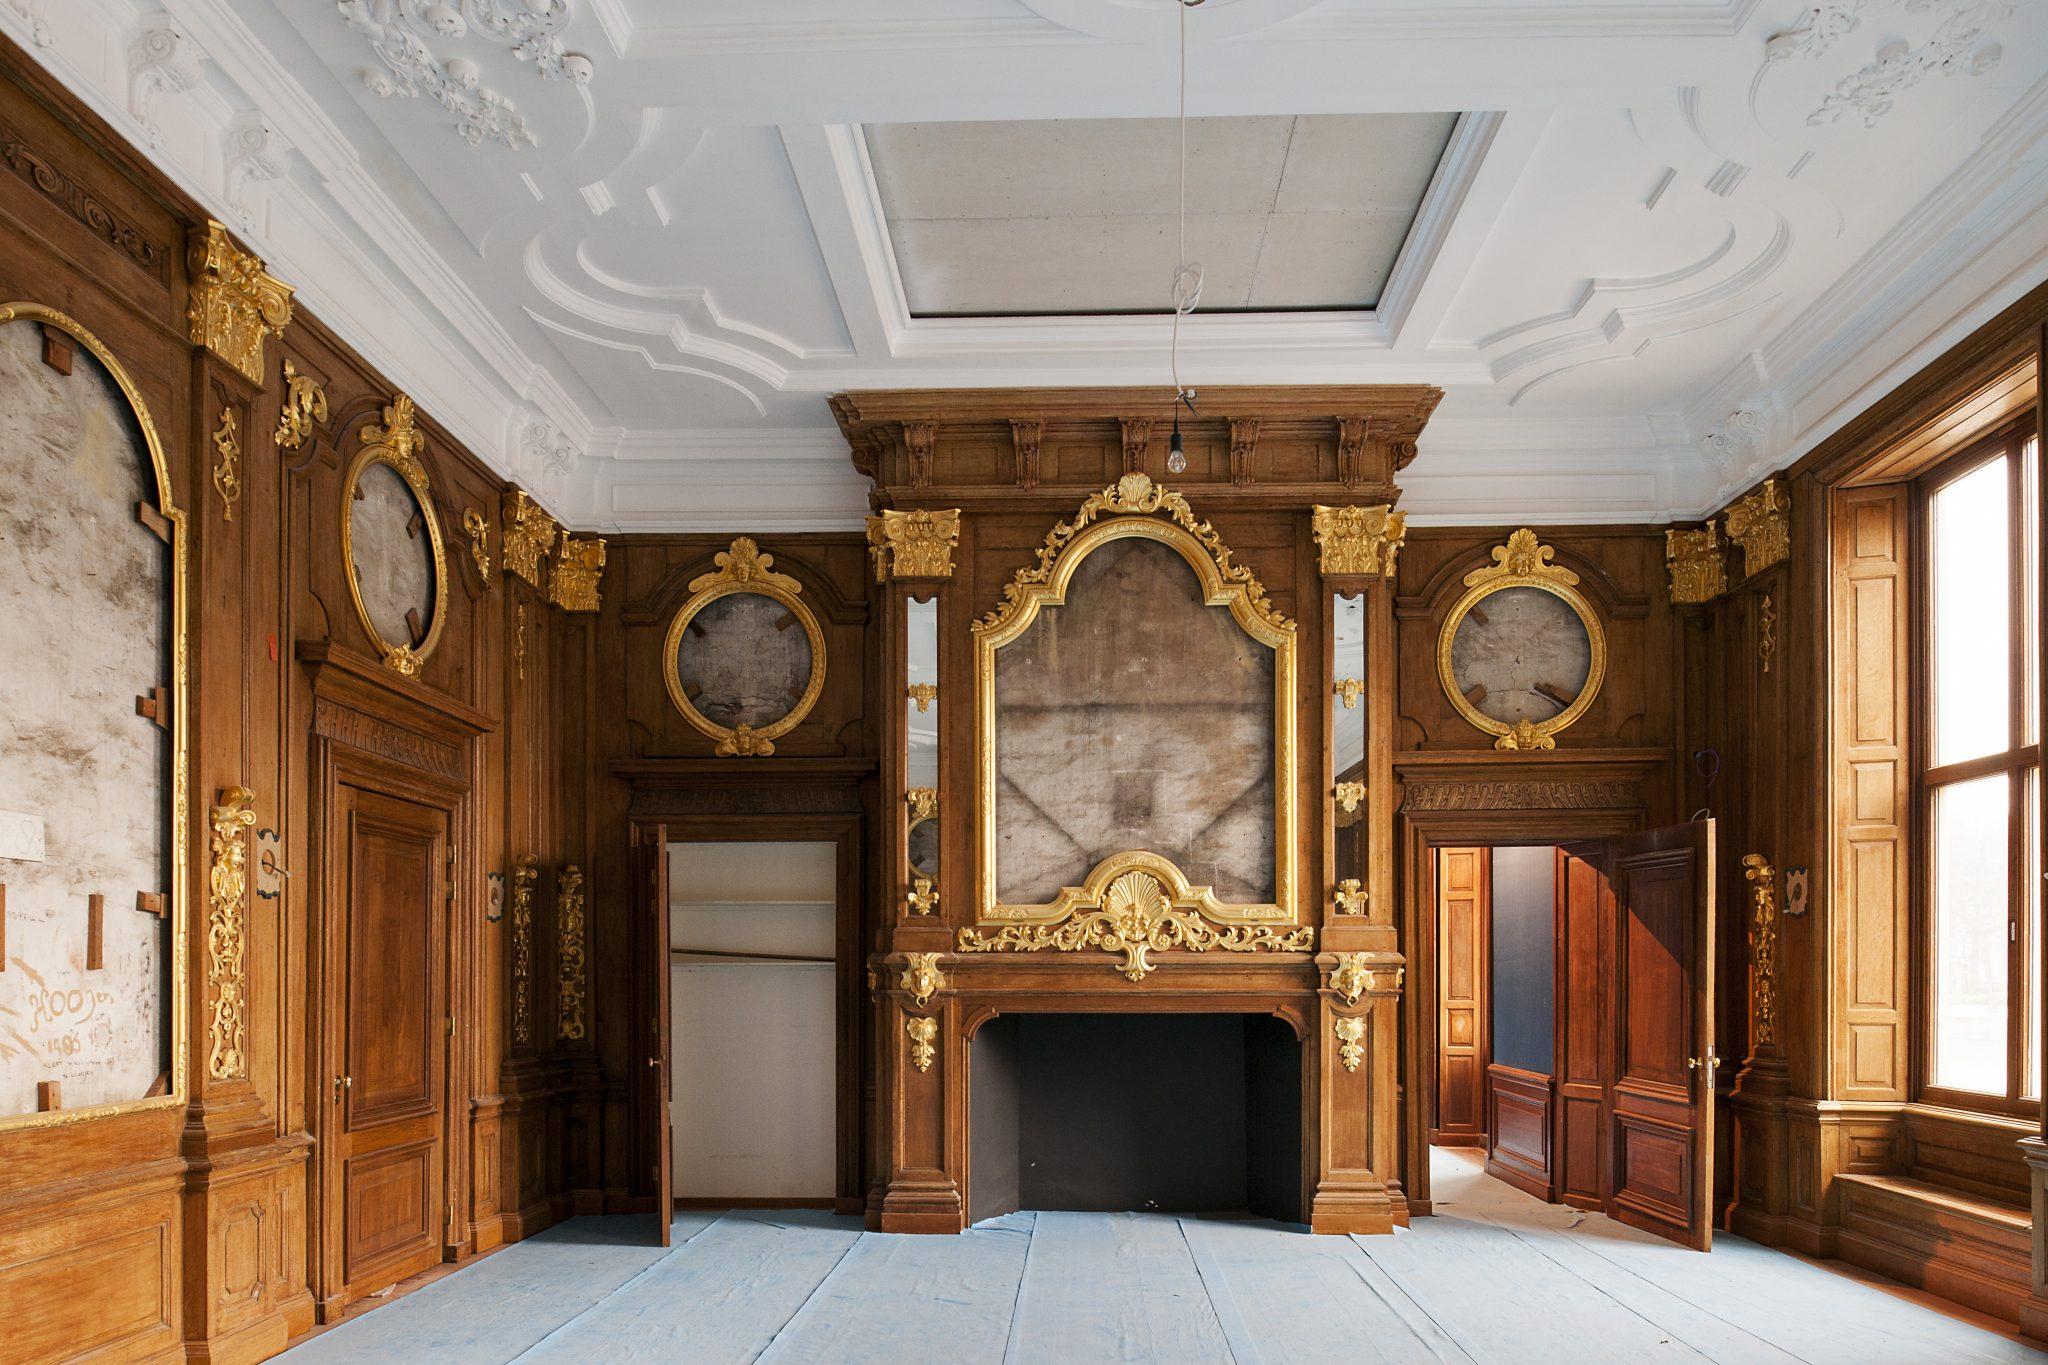 inmiddels is het mauritshuis een verzelfstandigd rijksmuseum met schilderijen uit de gouden eeuw en topwerken uit de 18de eeuw